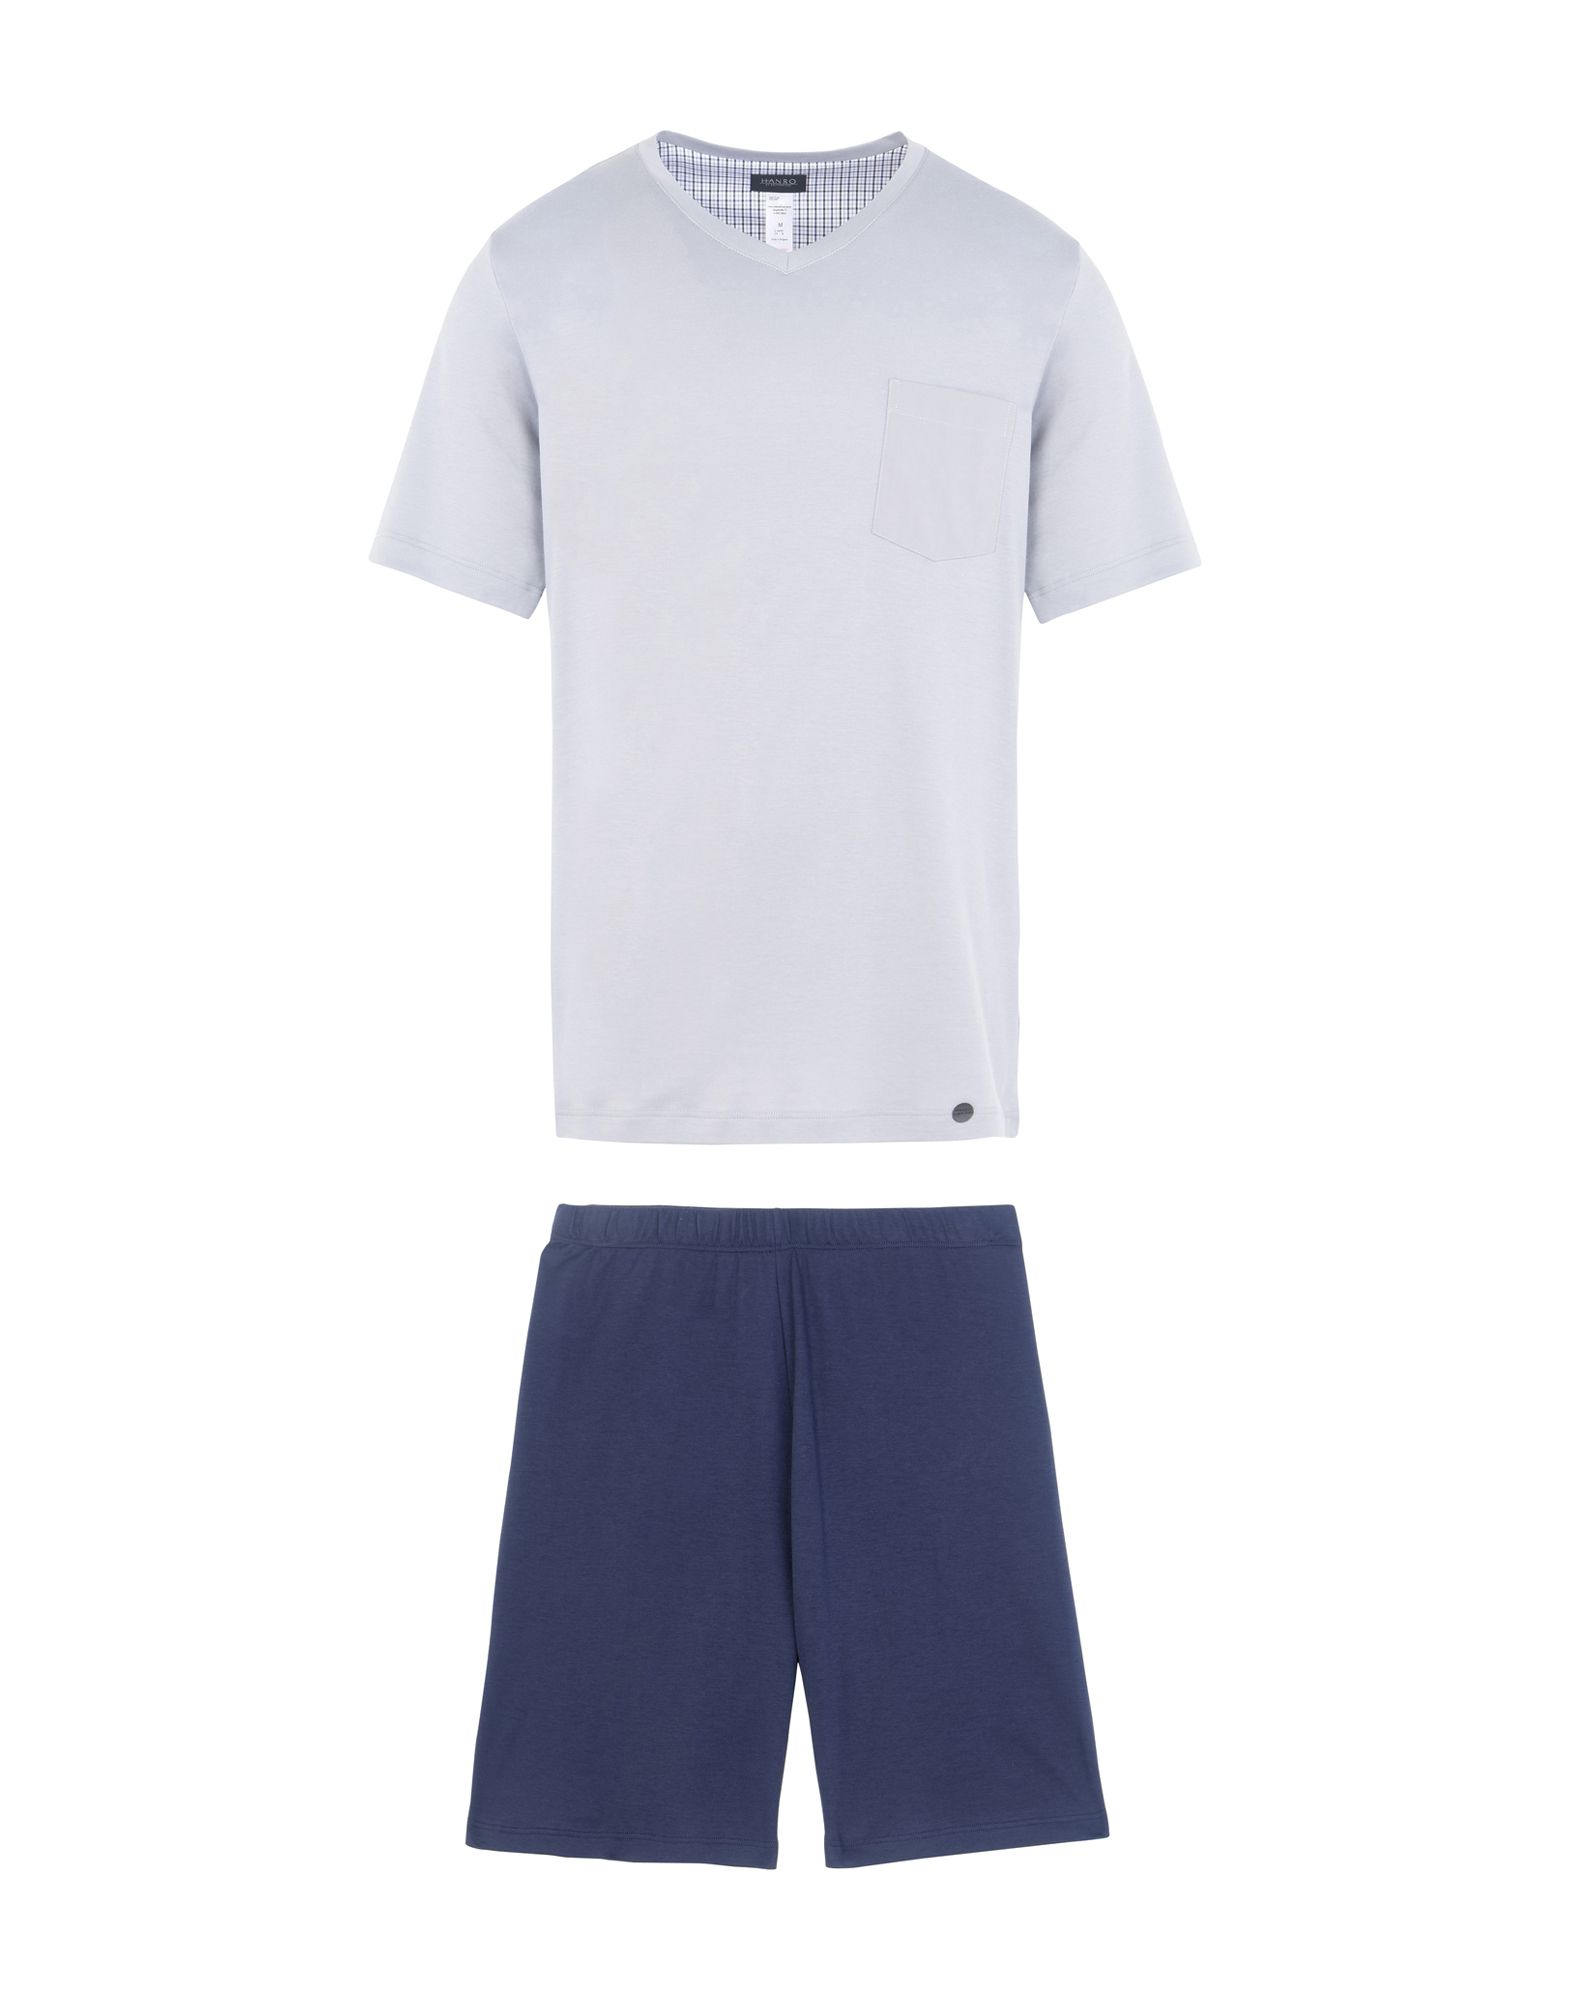 HANRO Herren Pyjama Farbe Grau Größe 6